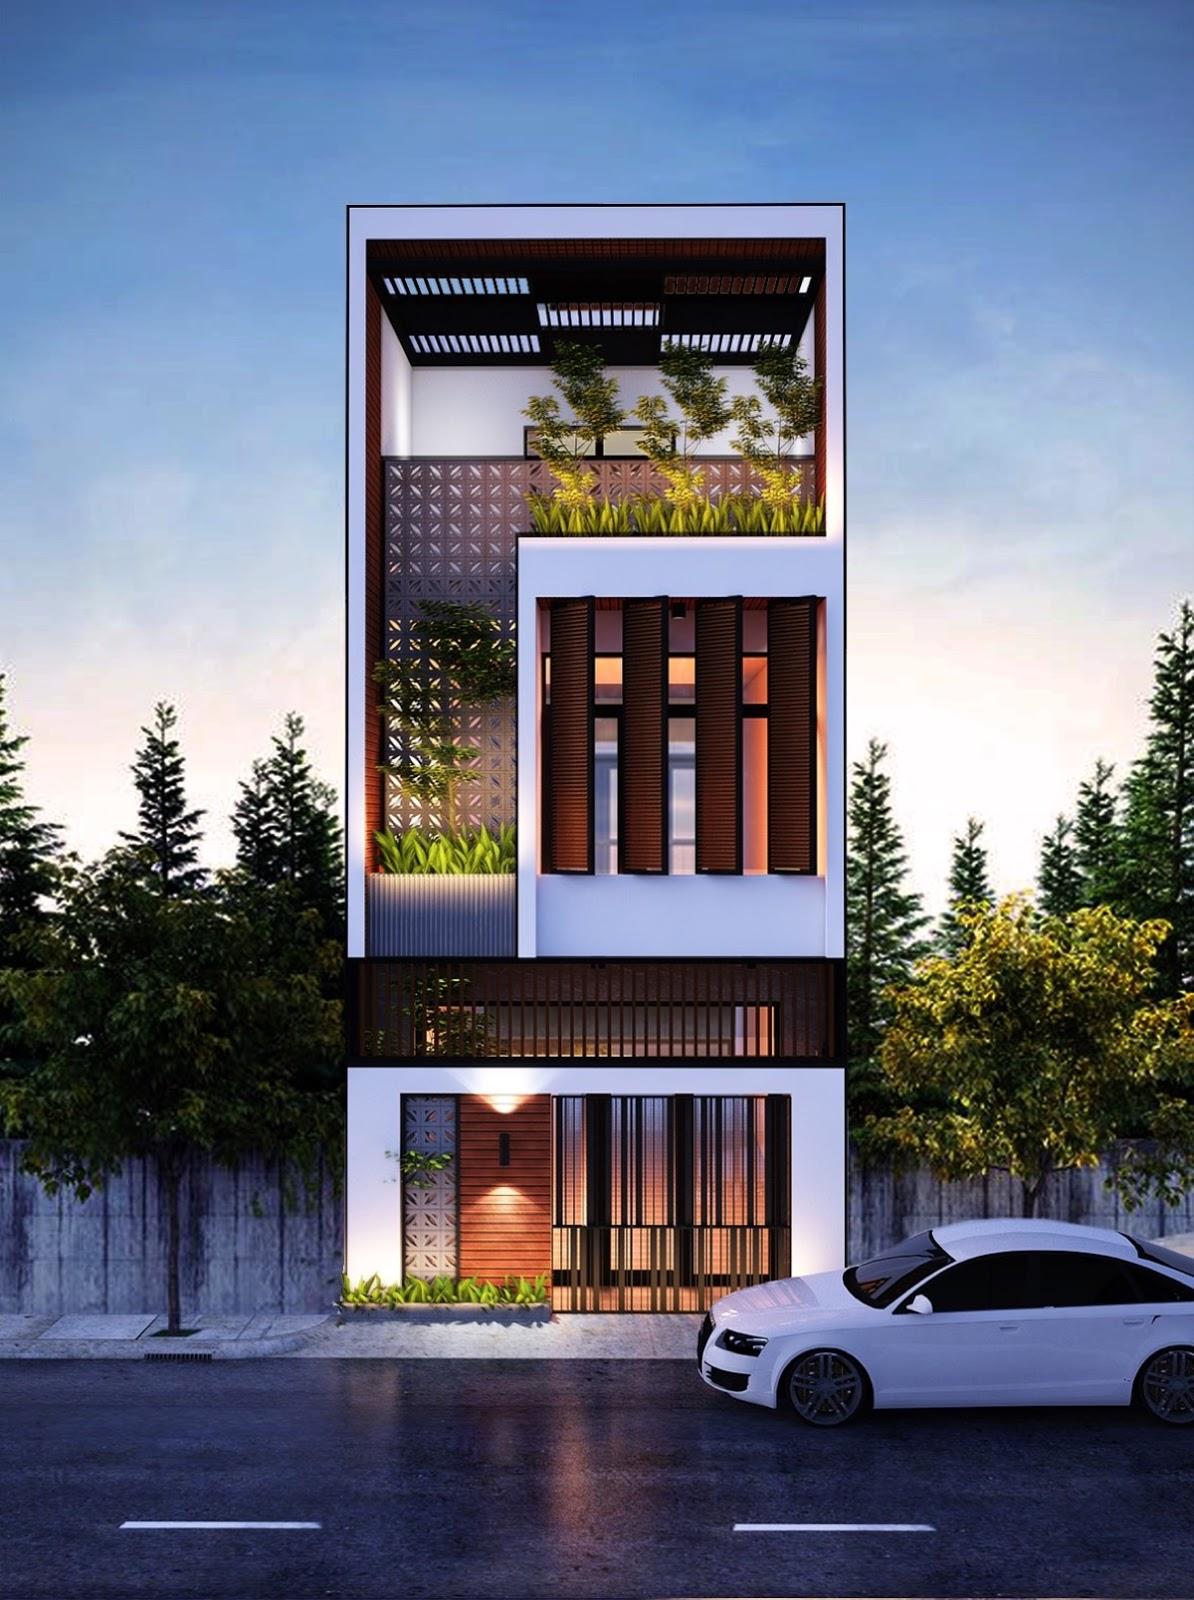 Bali Agung Property Inspirasi Desain Eksterior Rumah Dengan Lebar Depan Sempit